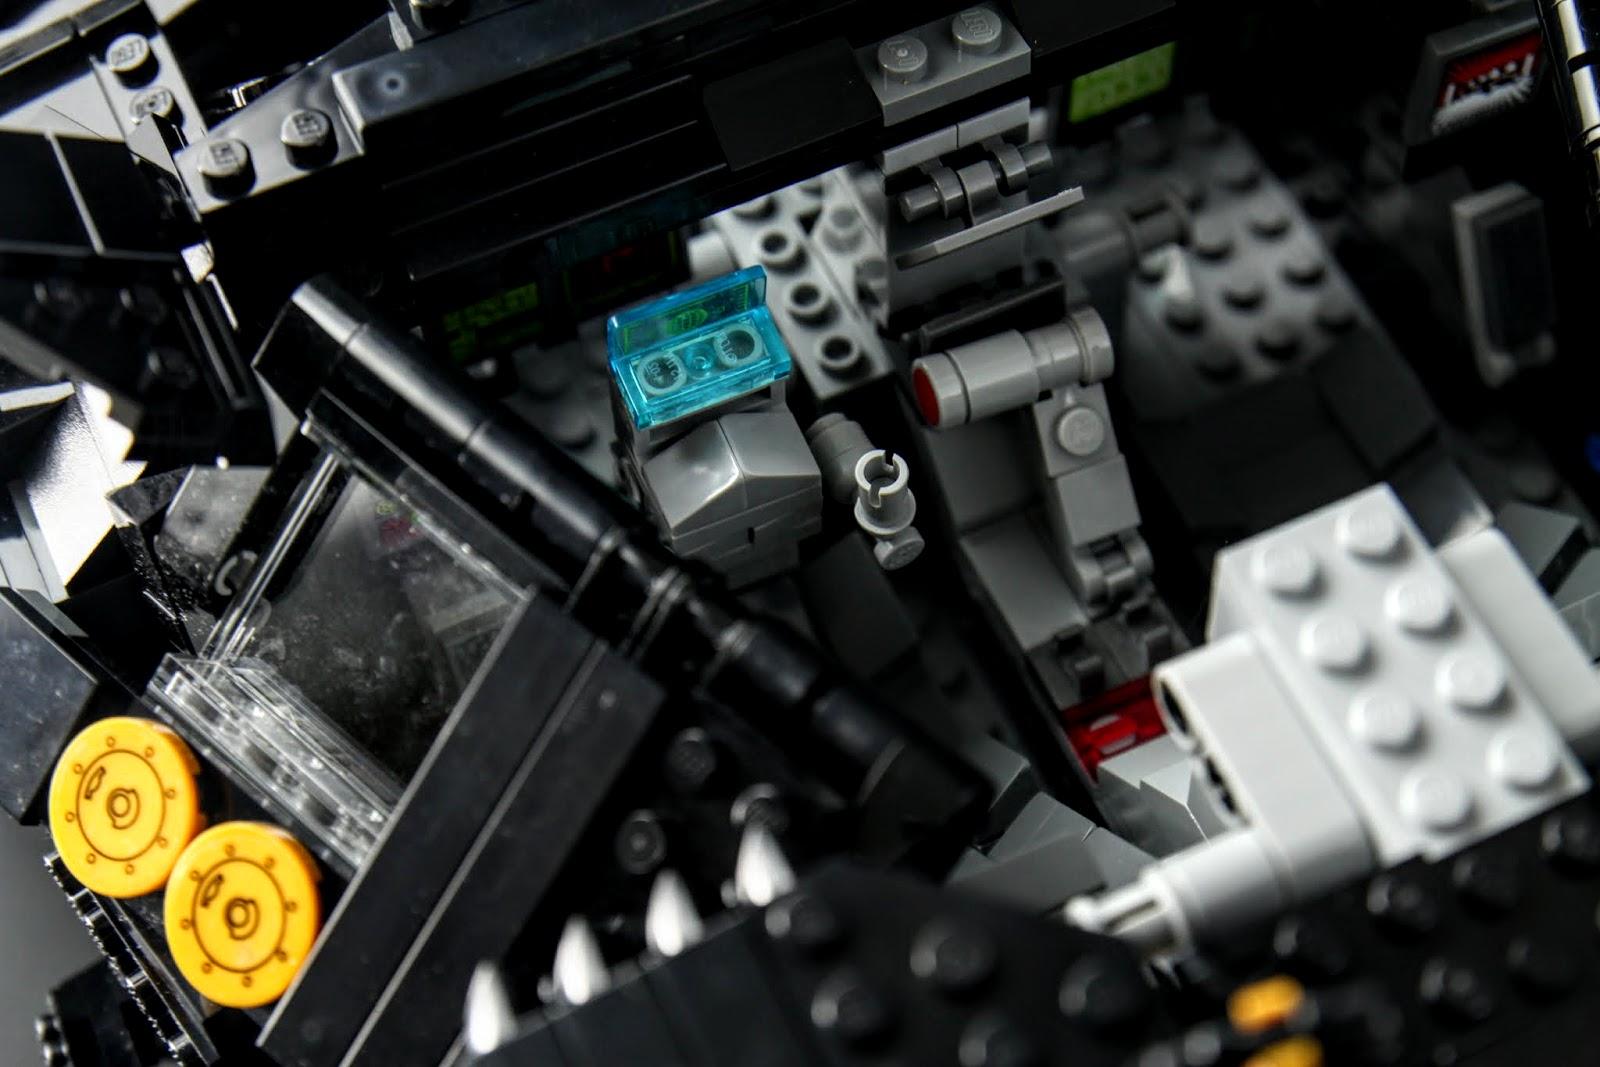 無論是操作桿、渦輪控制器、儀表板都有做出來